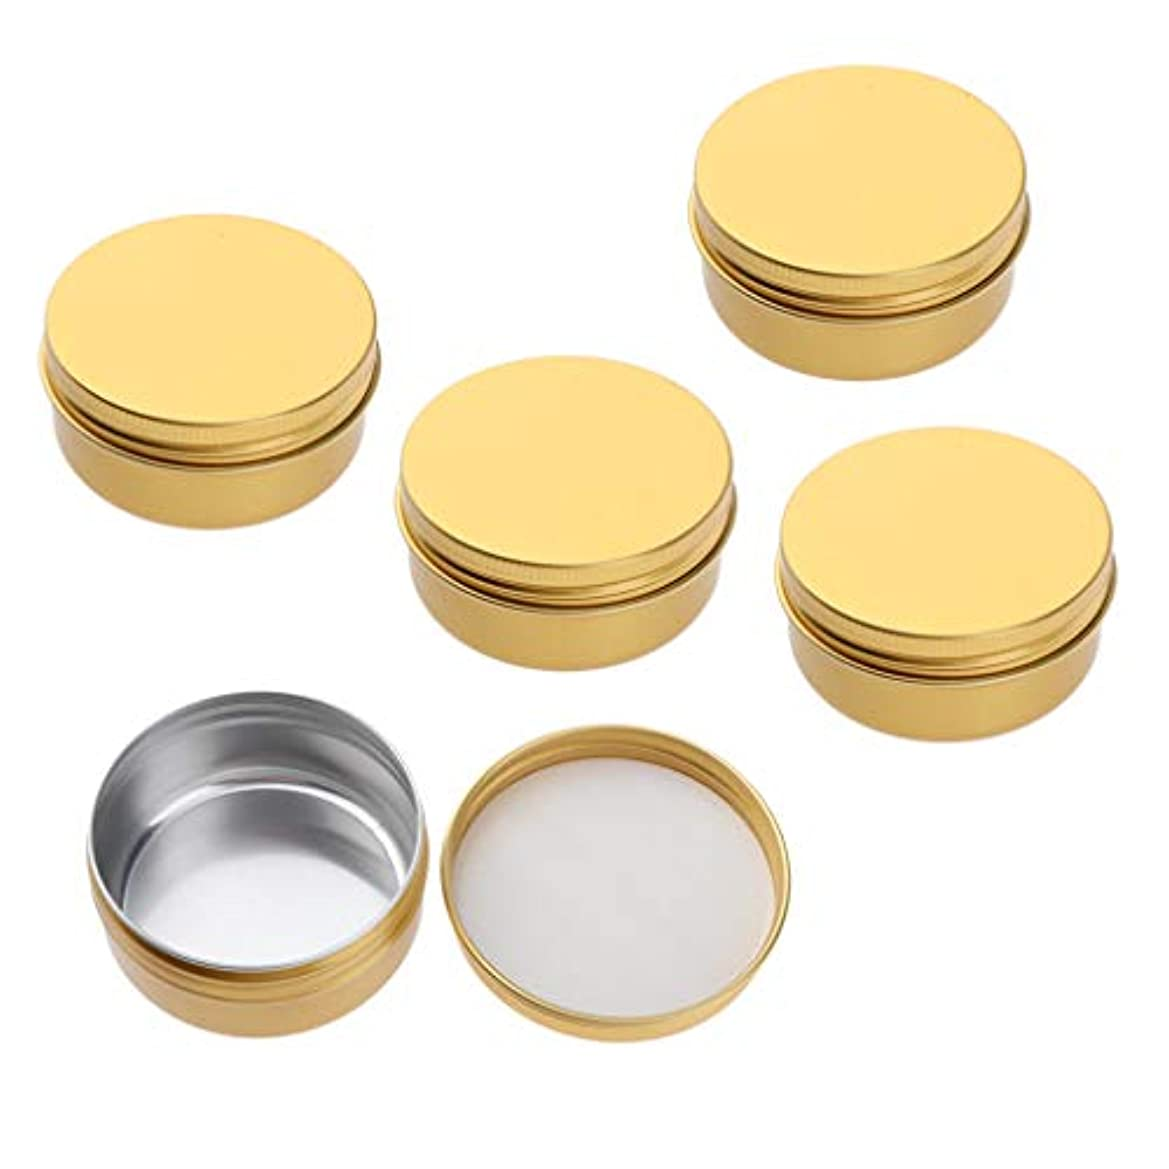 好み気分が悪い谷5パックゴールドアルミ缶空のスリップスライドラウンドコンテナーボトルリップクリーム、クラフト、化粧品、キャンドル、旅行用のネジ蓋付き - 50ミリリットル